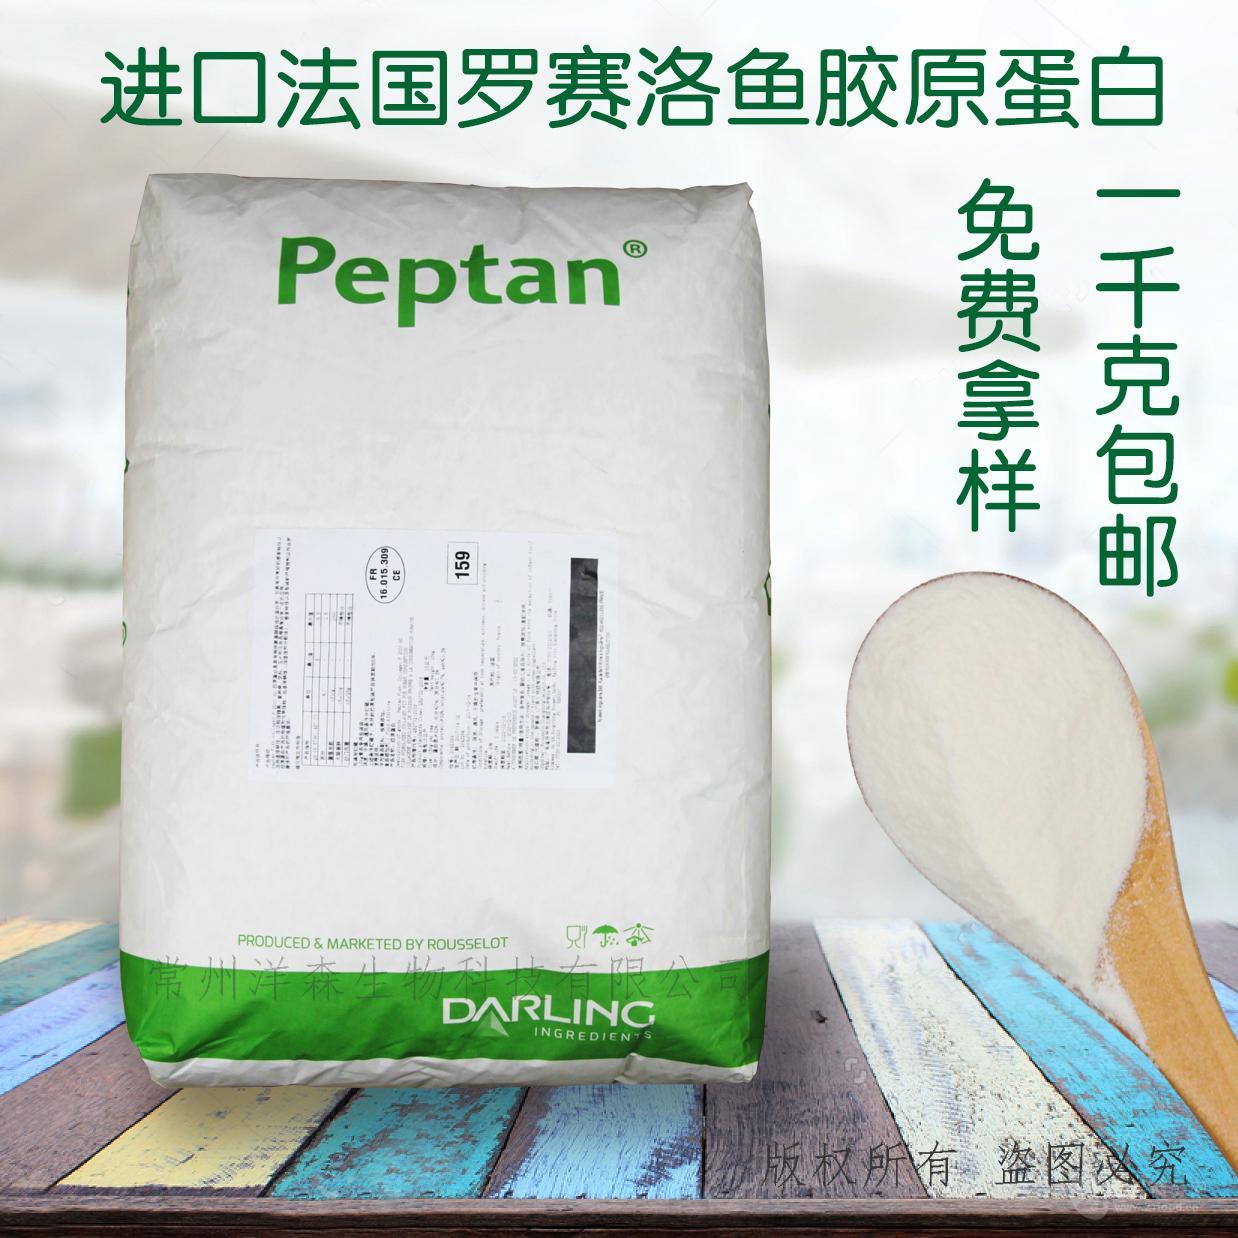 法国罗赛洛鱼胶原蛋白肽粉Peptan原装进口一公斤包邮提供证件